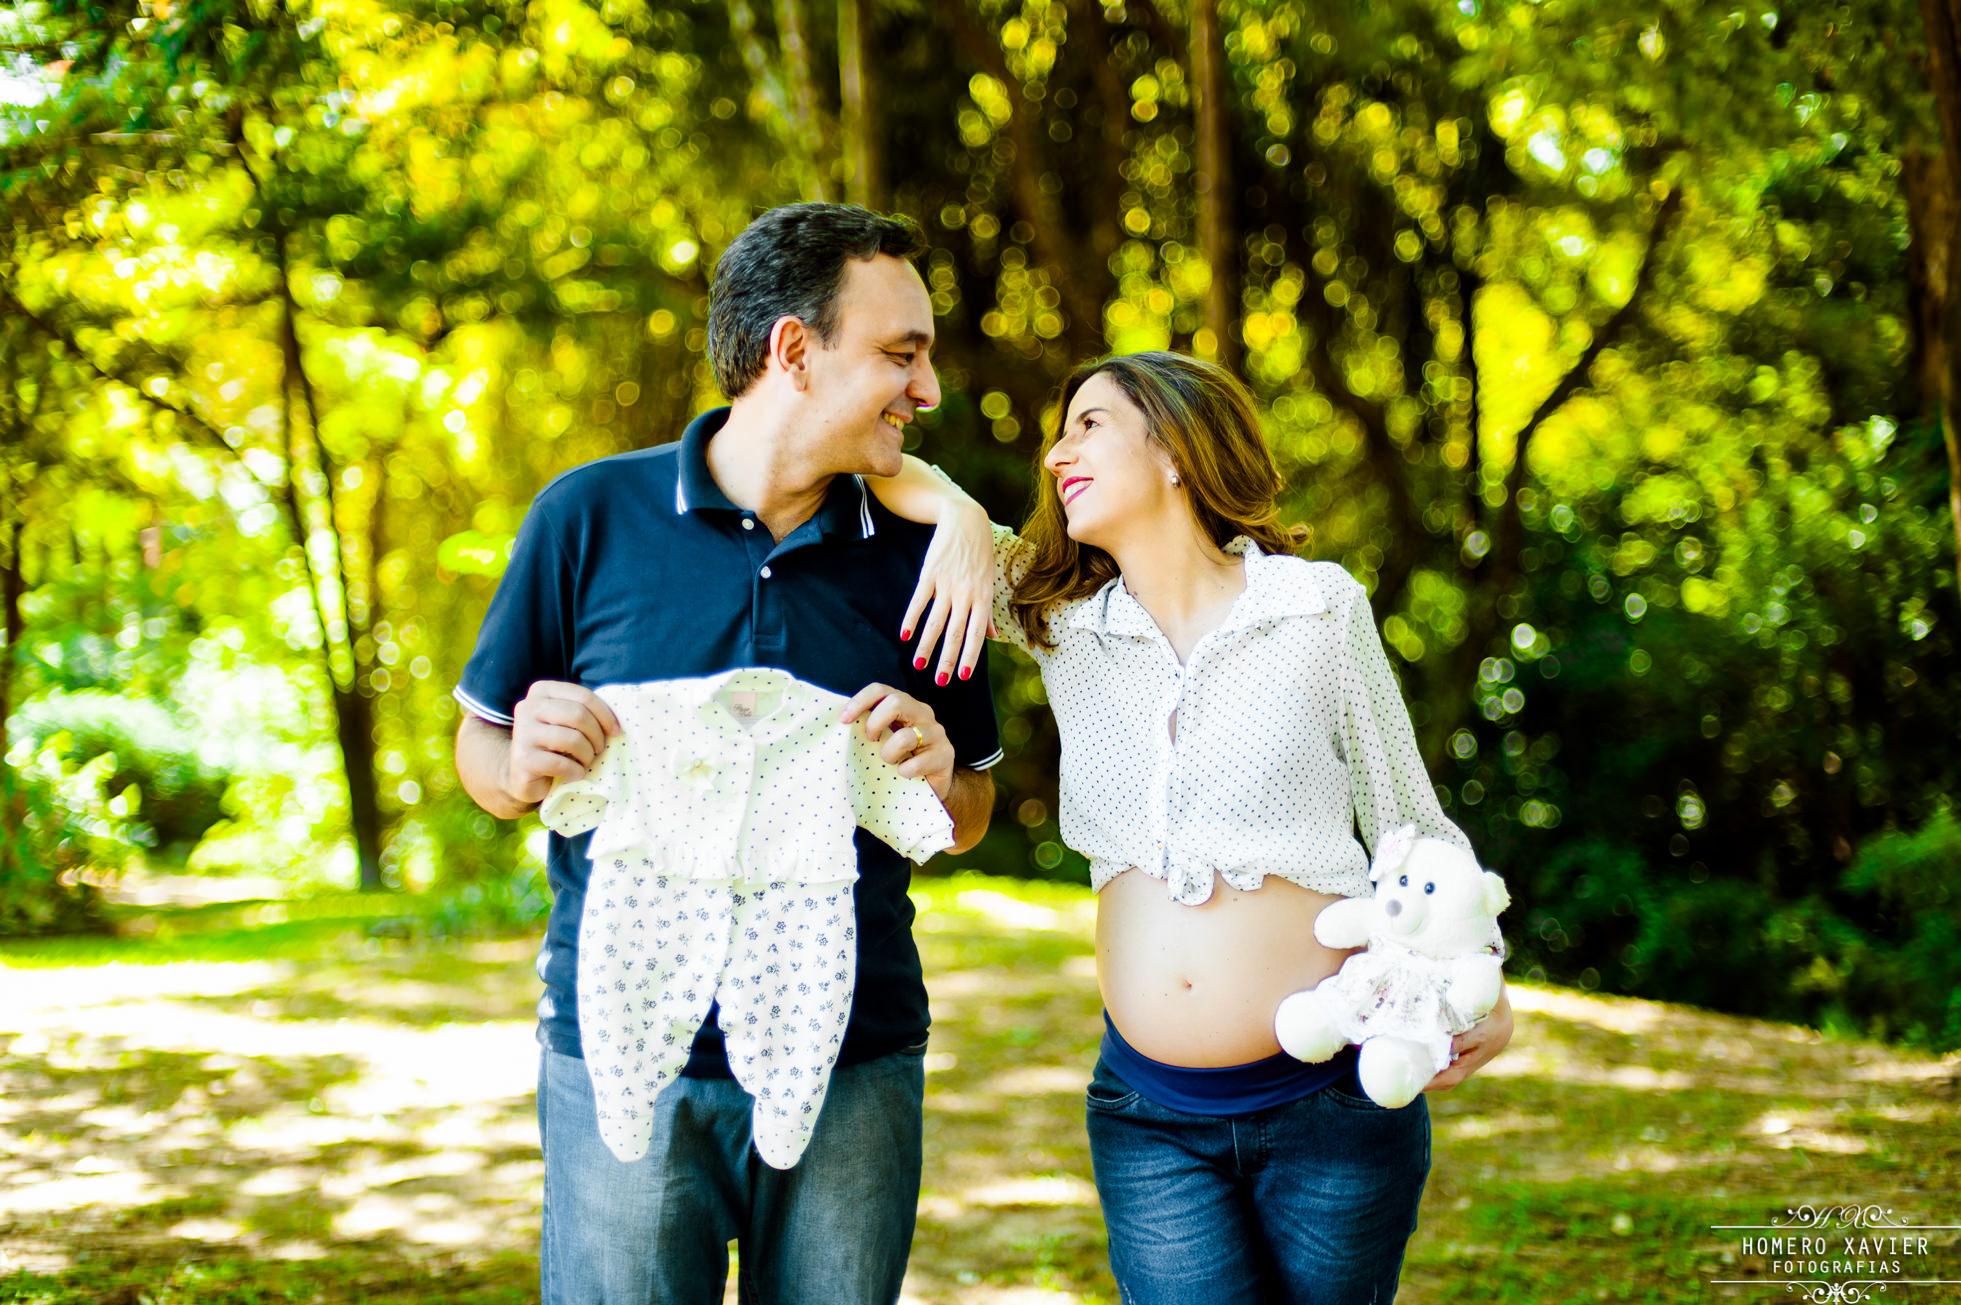 fotografia book gestante gravida em Parque em BH